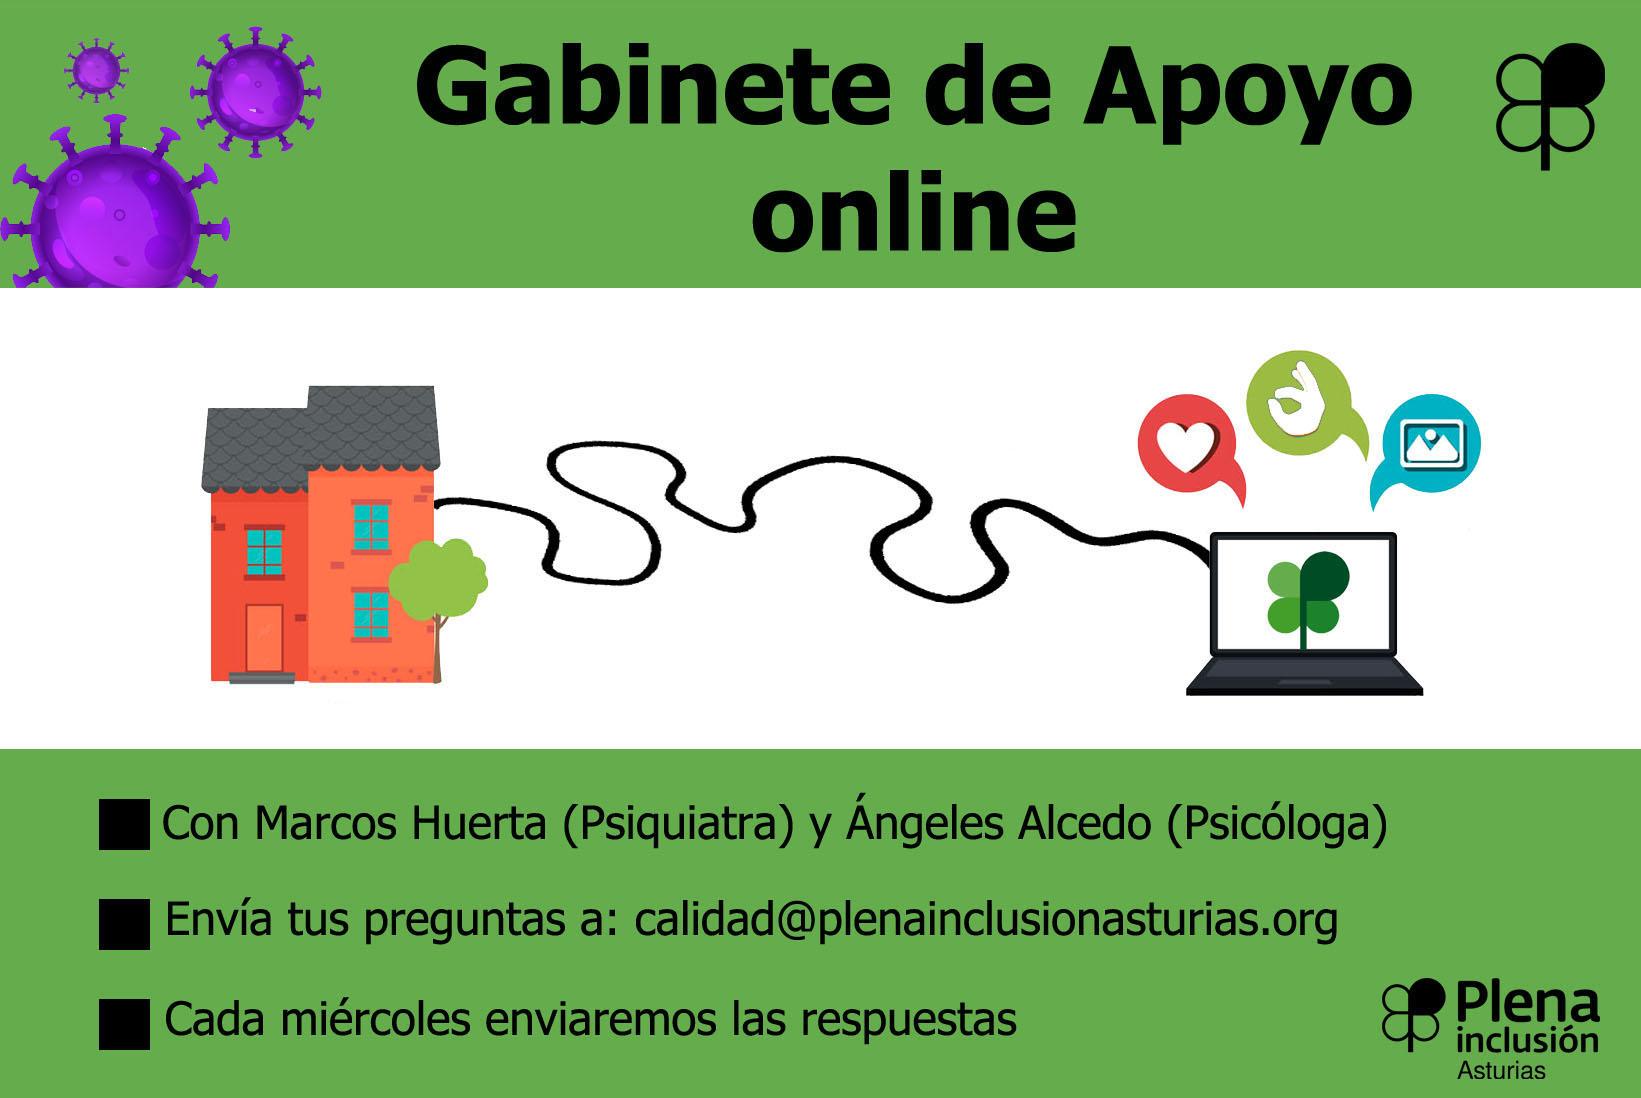 Gabinete de apoyo online